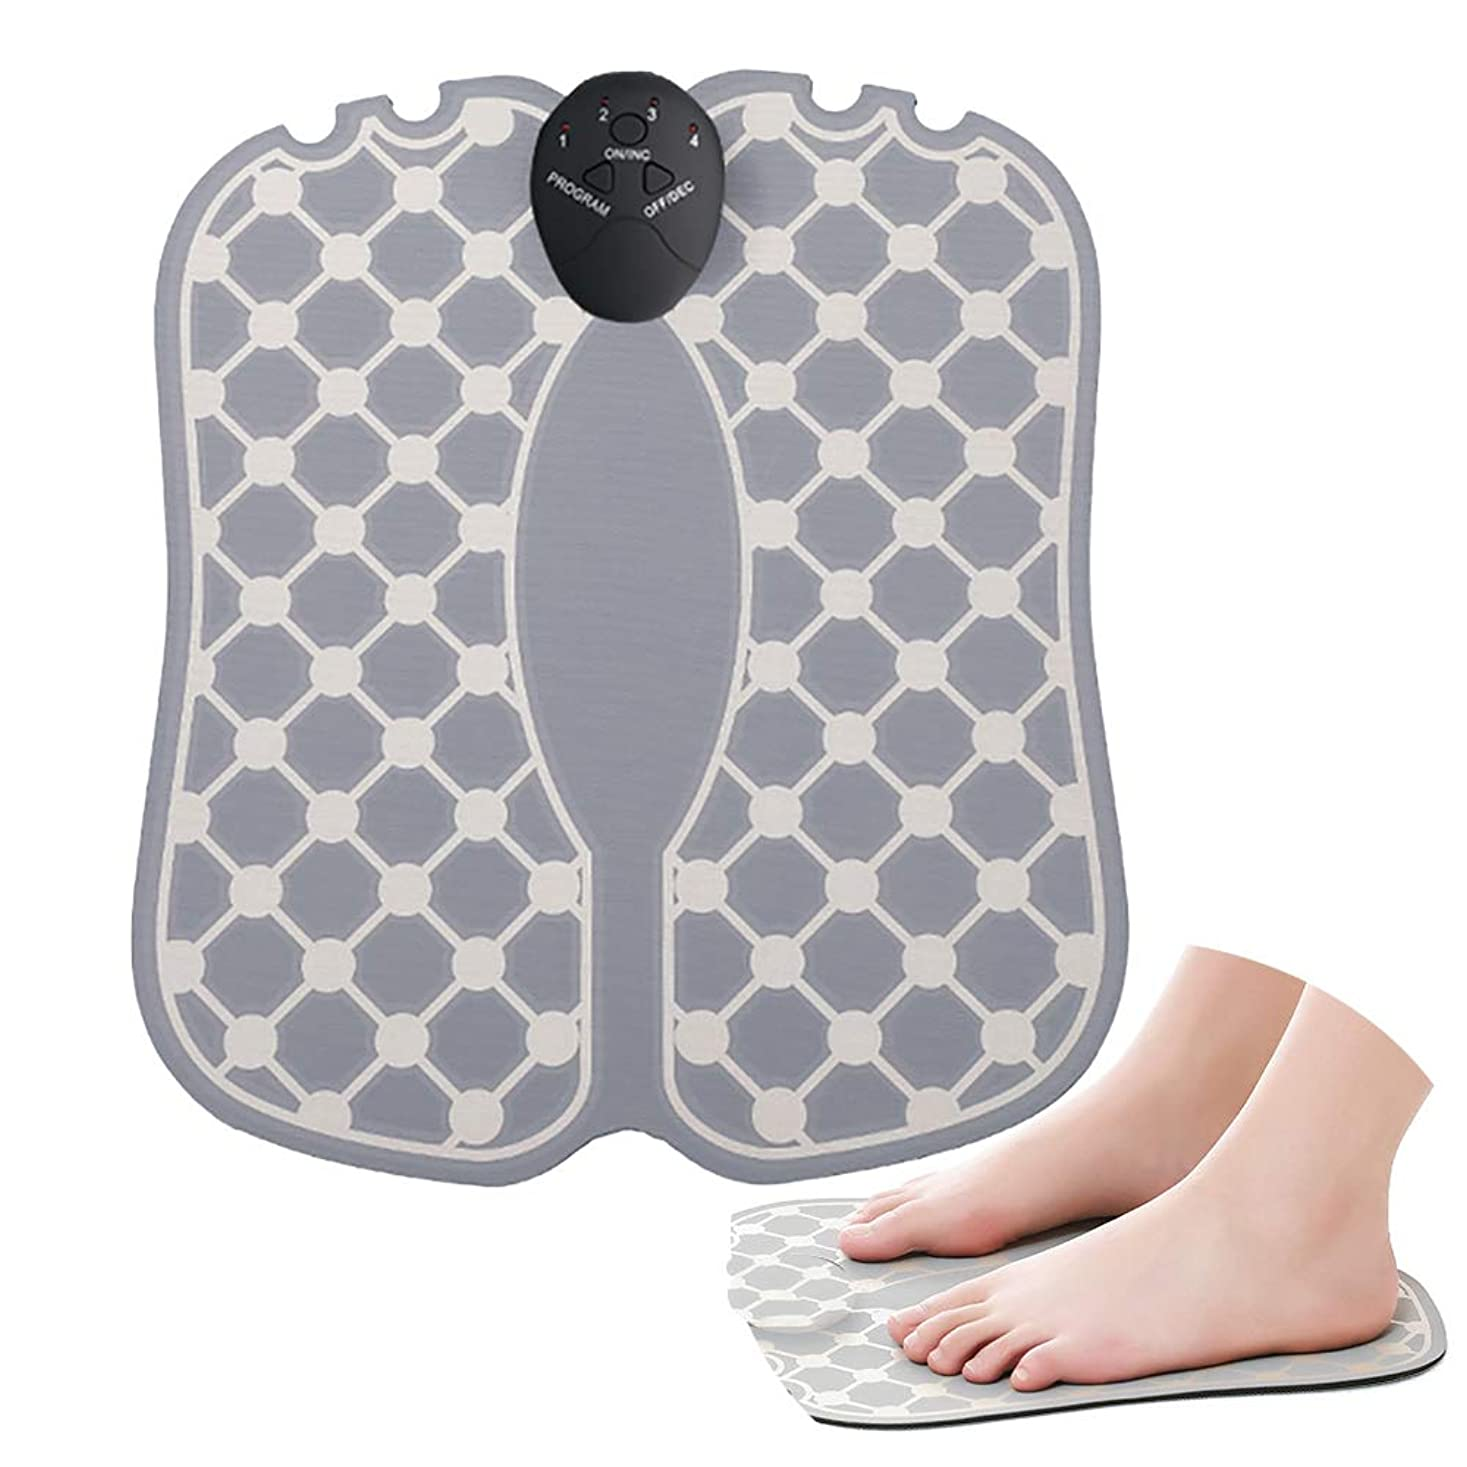 ブラスト受信ペン足のマッサージトマッサージャーフットマッサージャーEMSの減圧は深いティッシュ、足の器械が付いている苦痛の足を緩めます